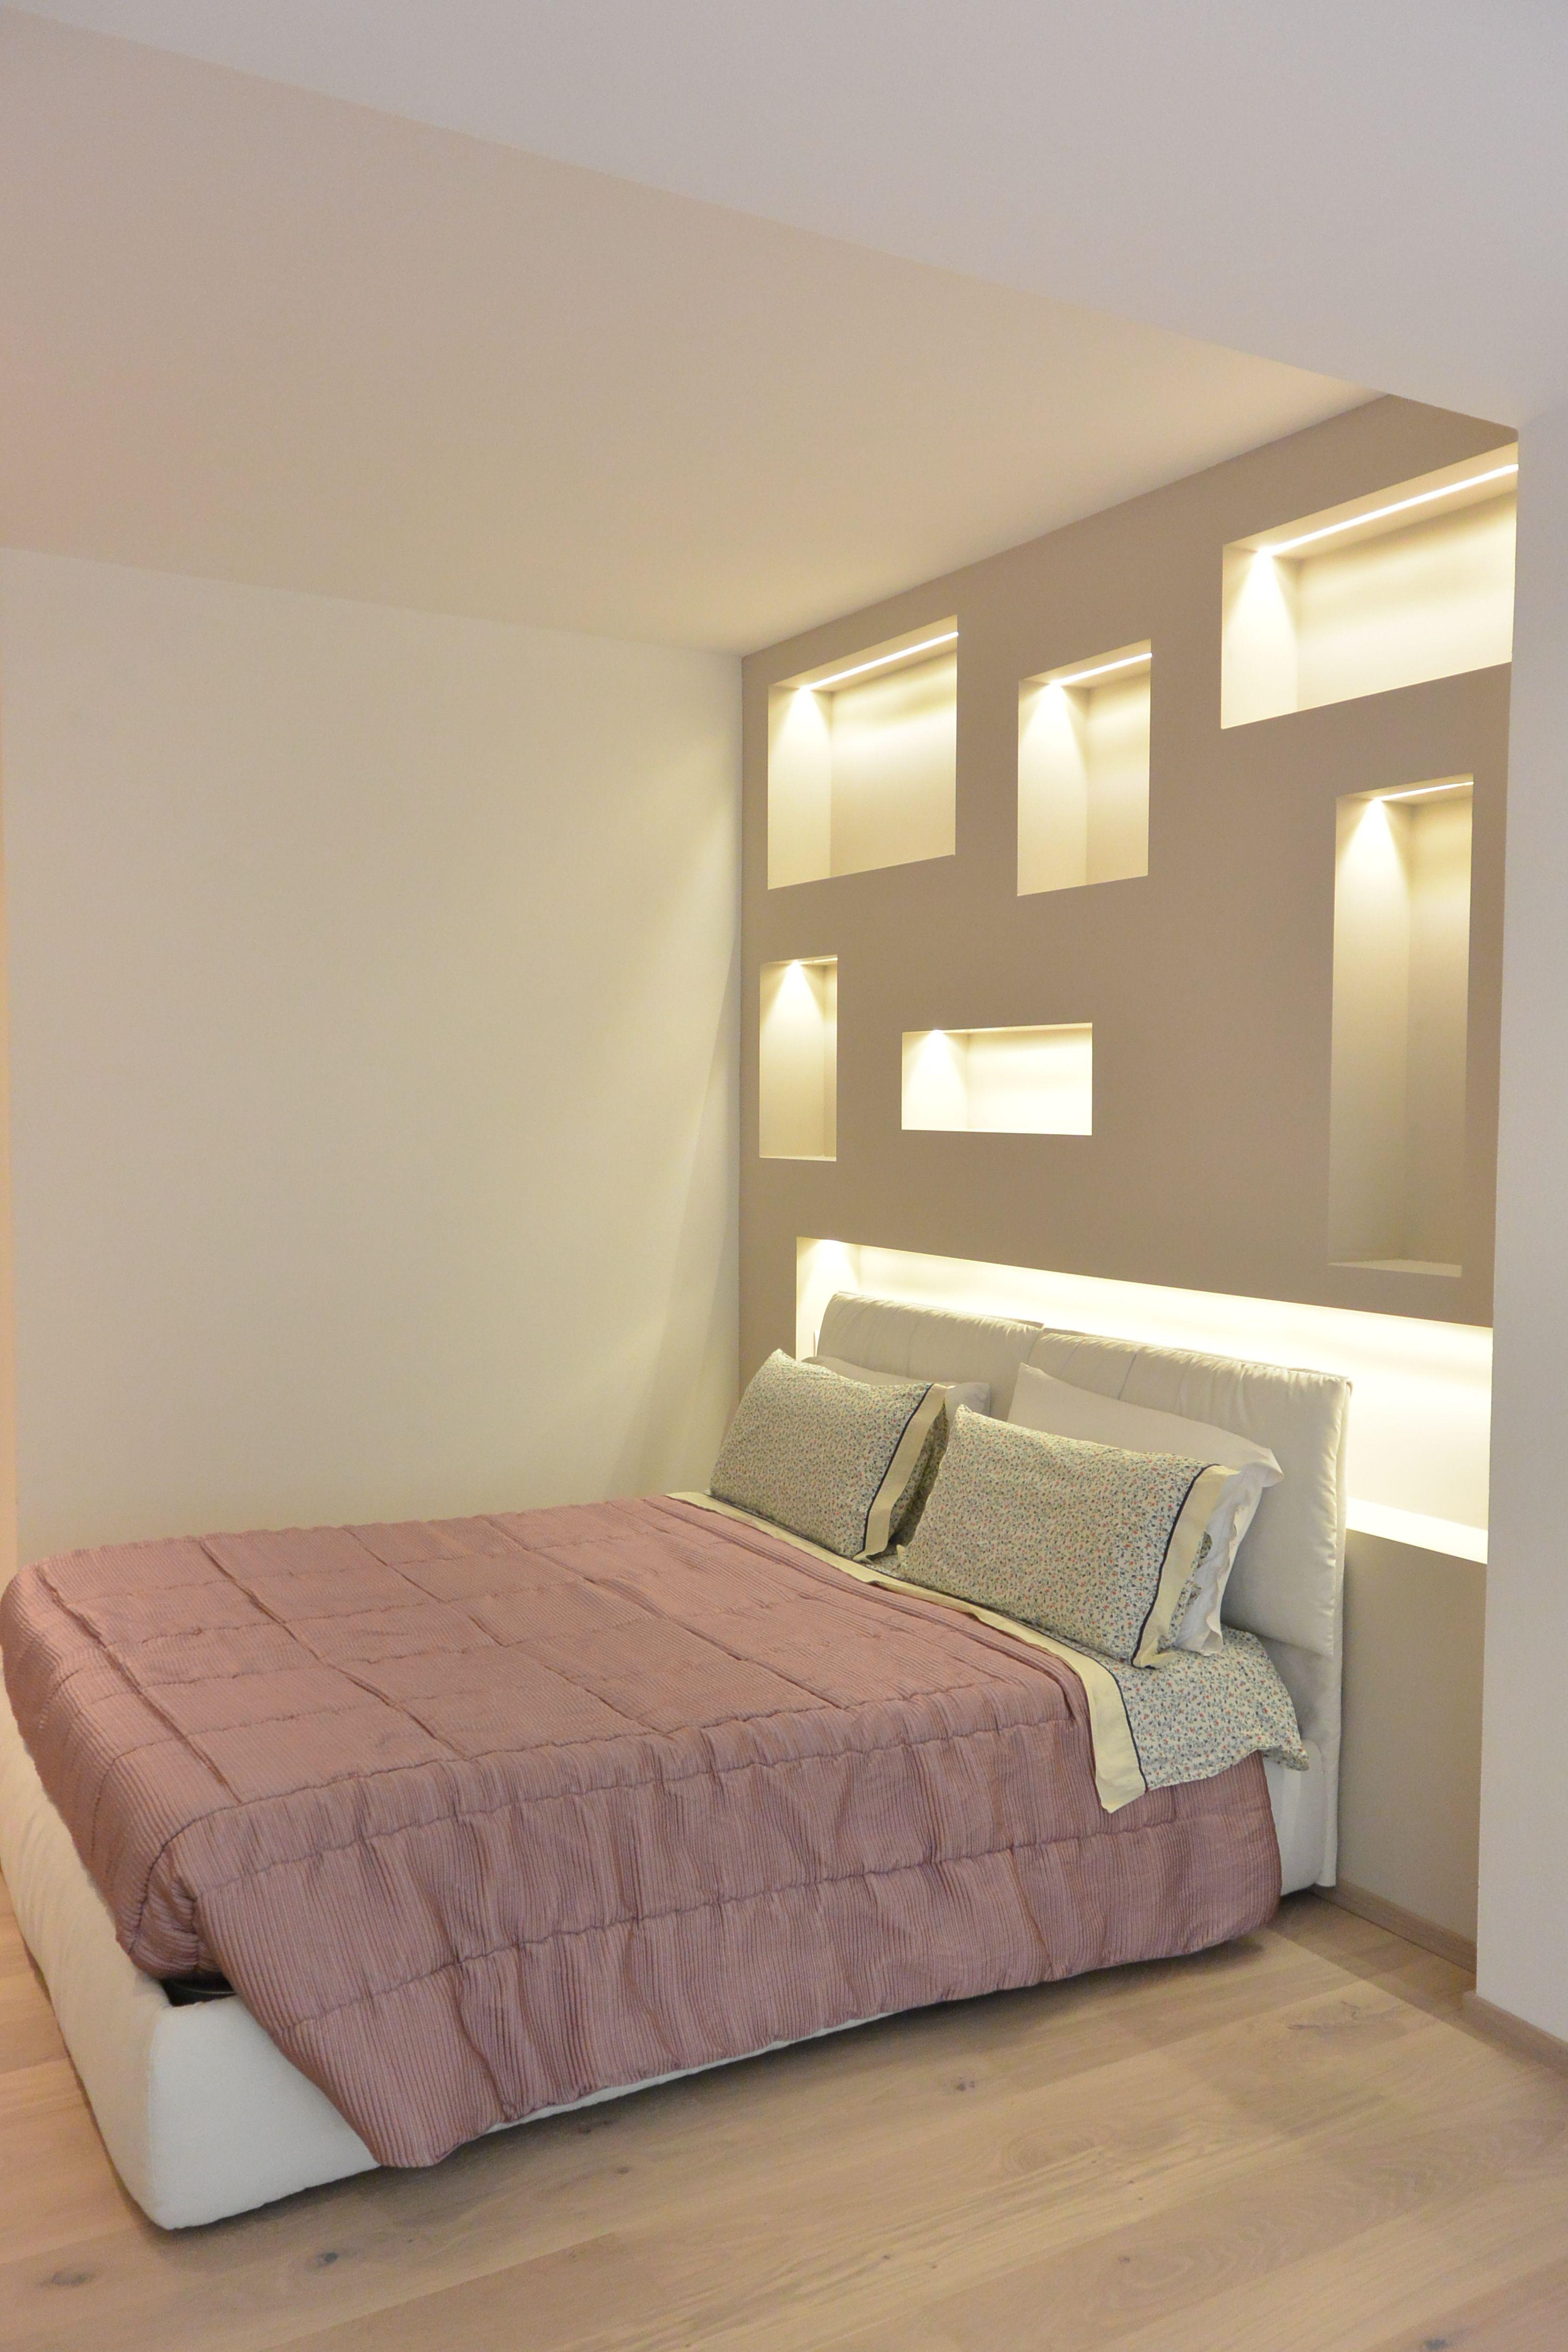 La camera da letto nicchie in cartongesso con luci led - Cartongesso in camera da letto ...